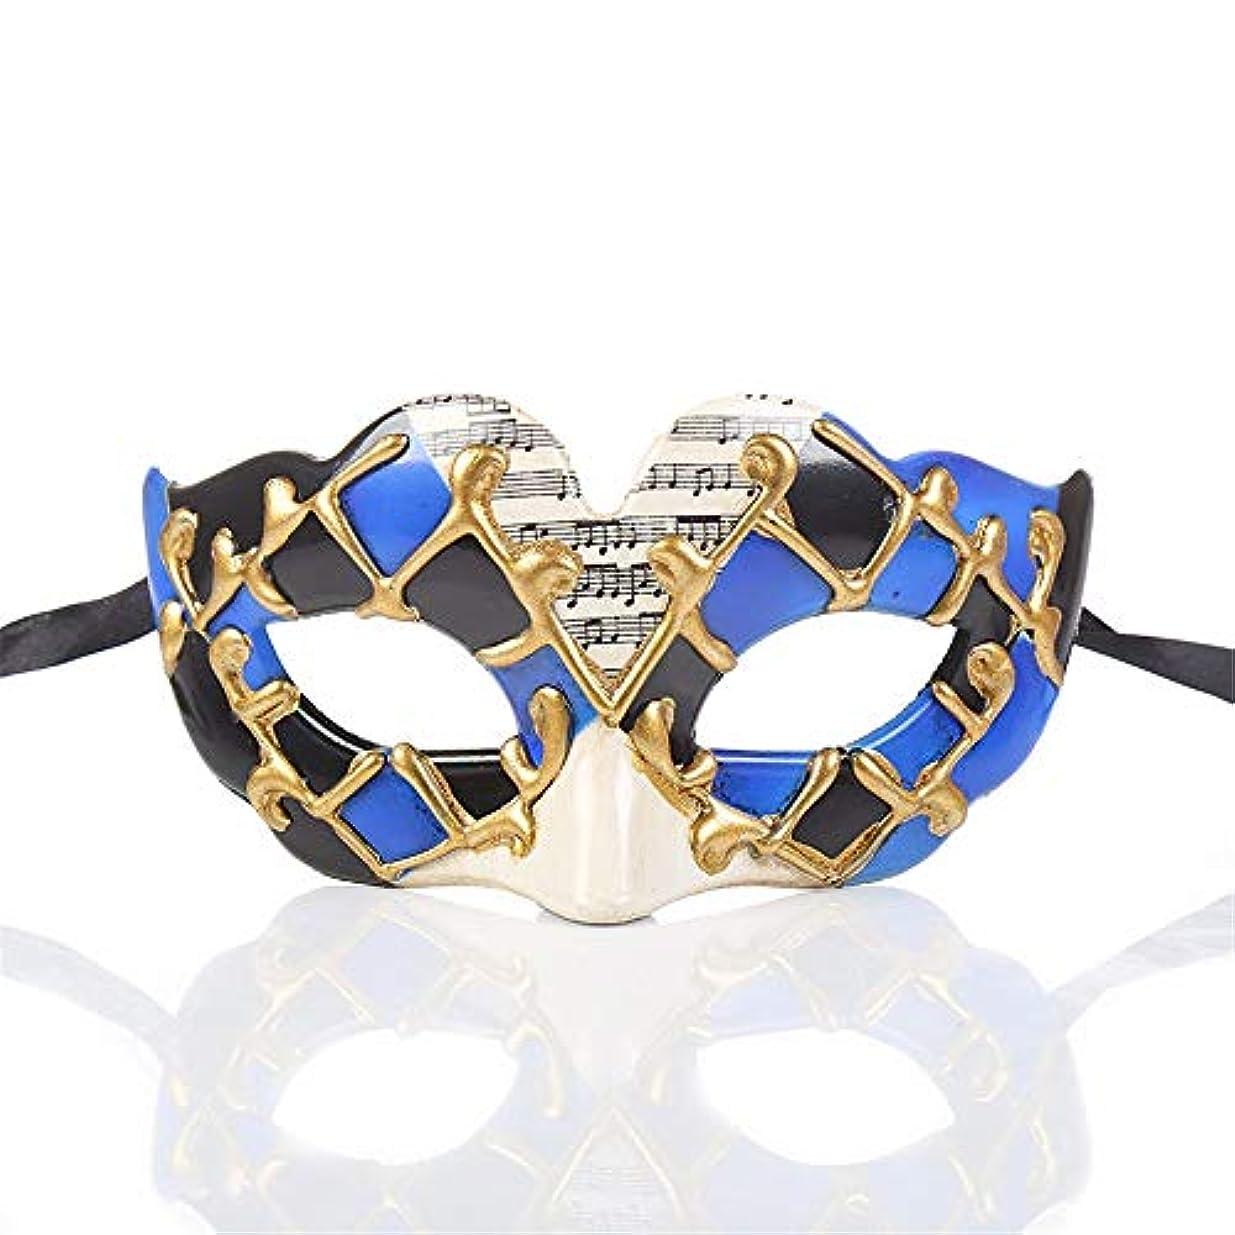 アラート弱点膜ダンスマスク パーティーCospalyマスクハロウィーンマスカレードデコレーションマスクフェスティバルプラスチックマスク ホリデーパーティー用品 (色 : 青, サイズ : 14.5x7.5cm)